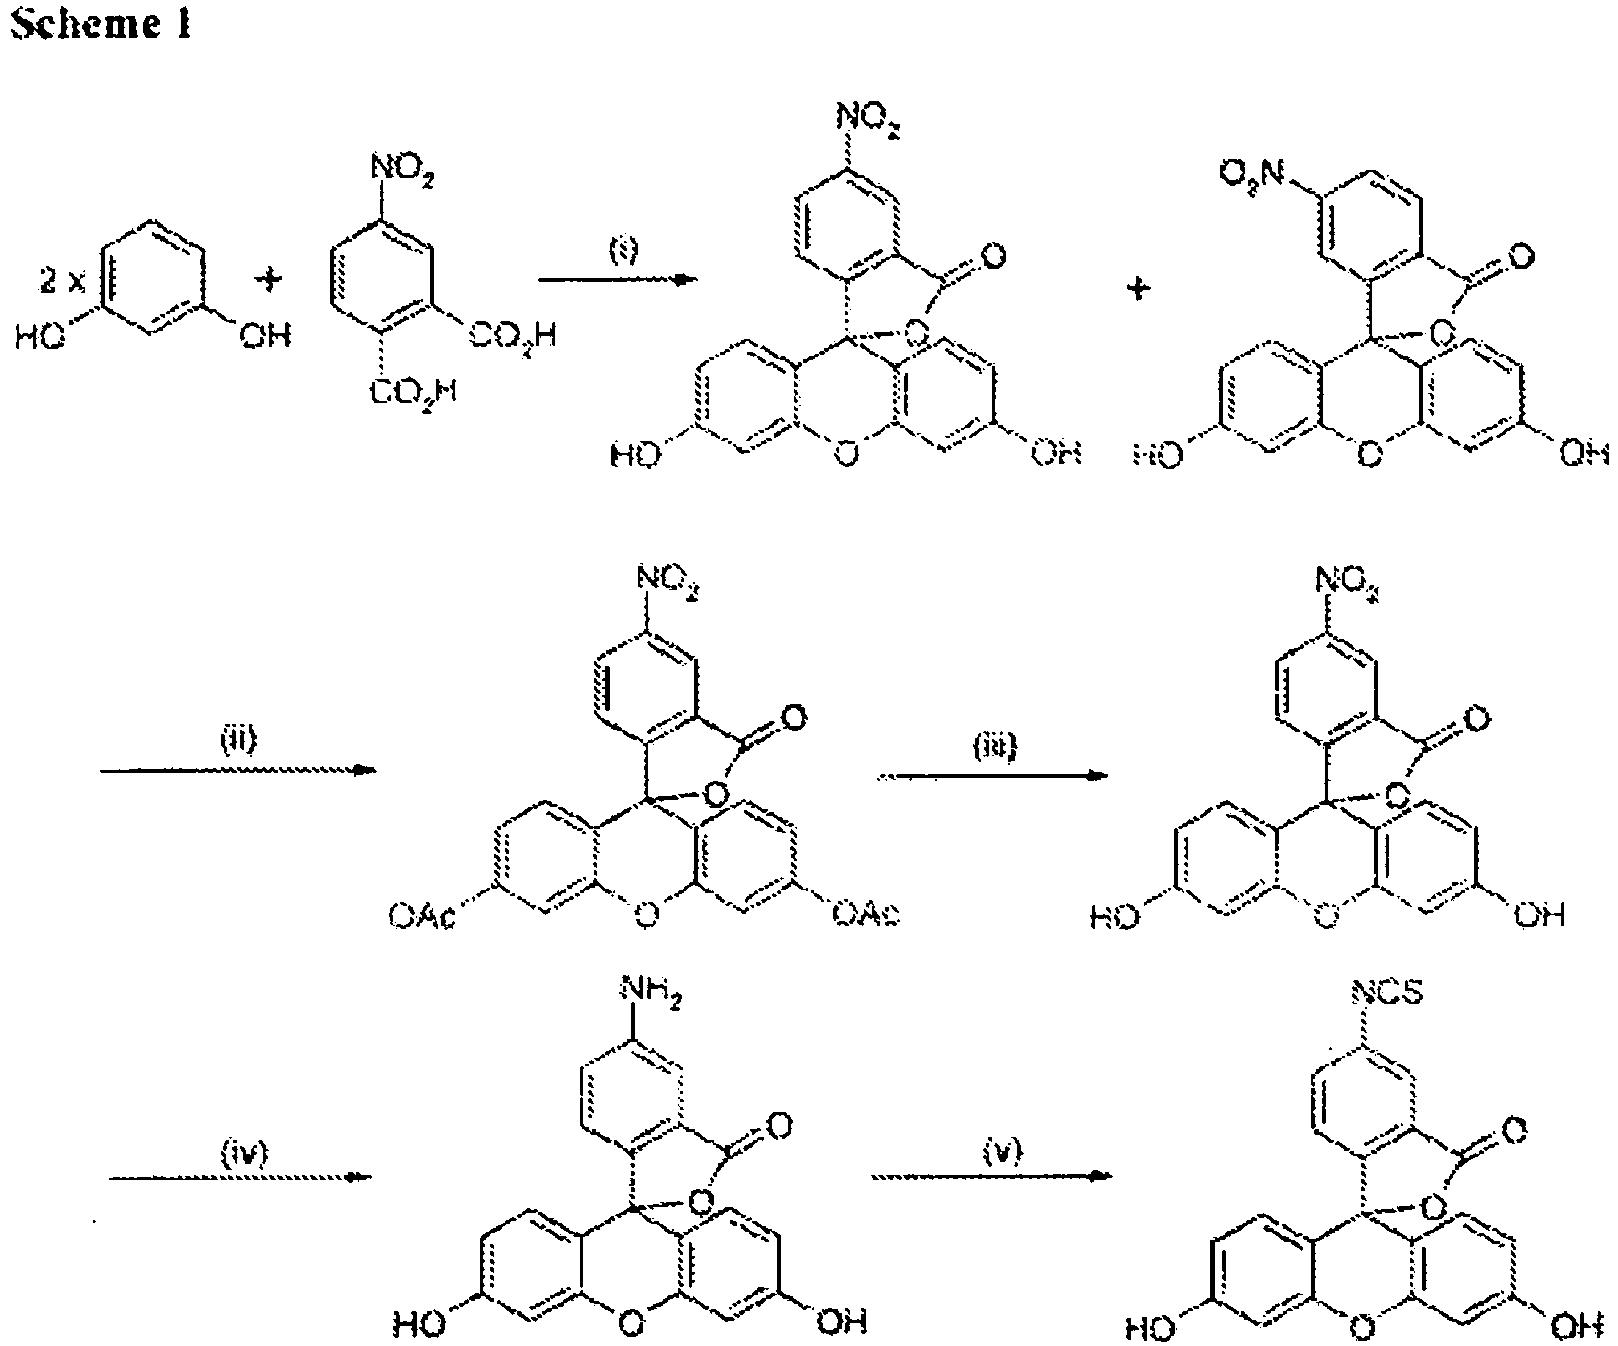 Methanol systhesis